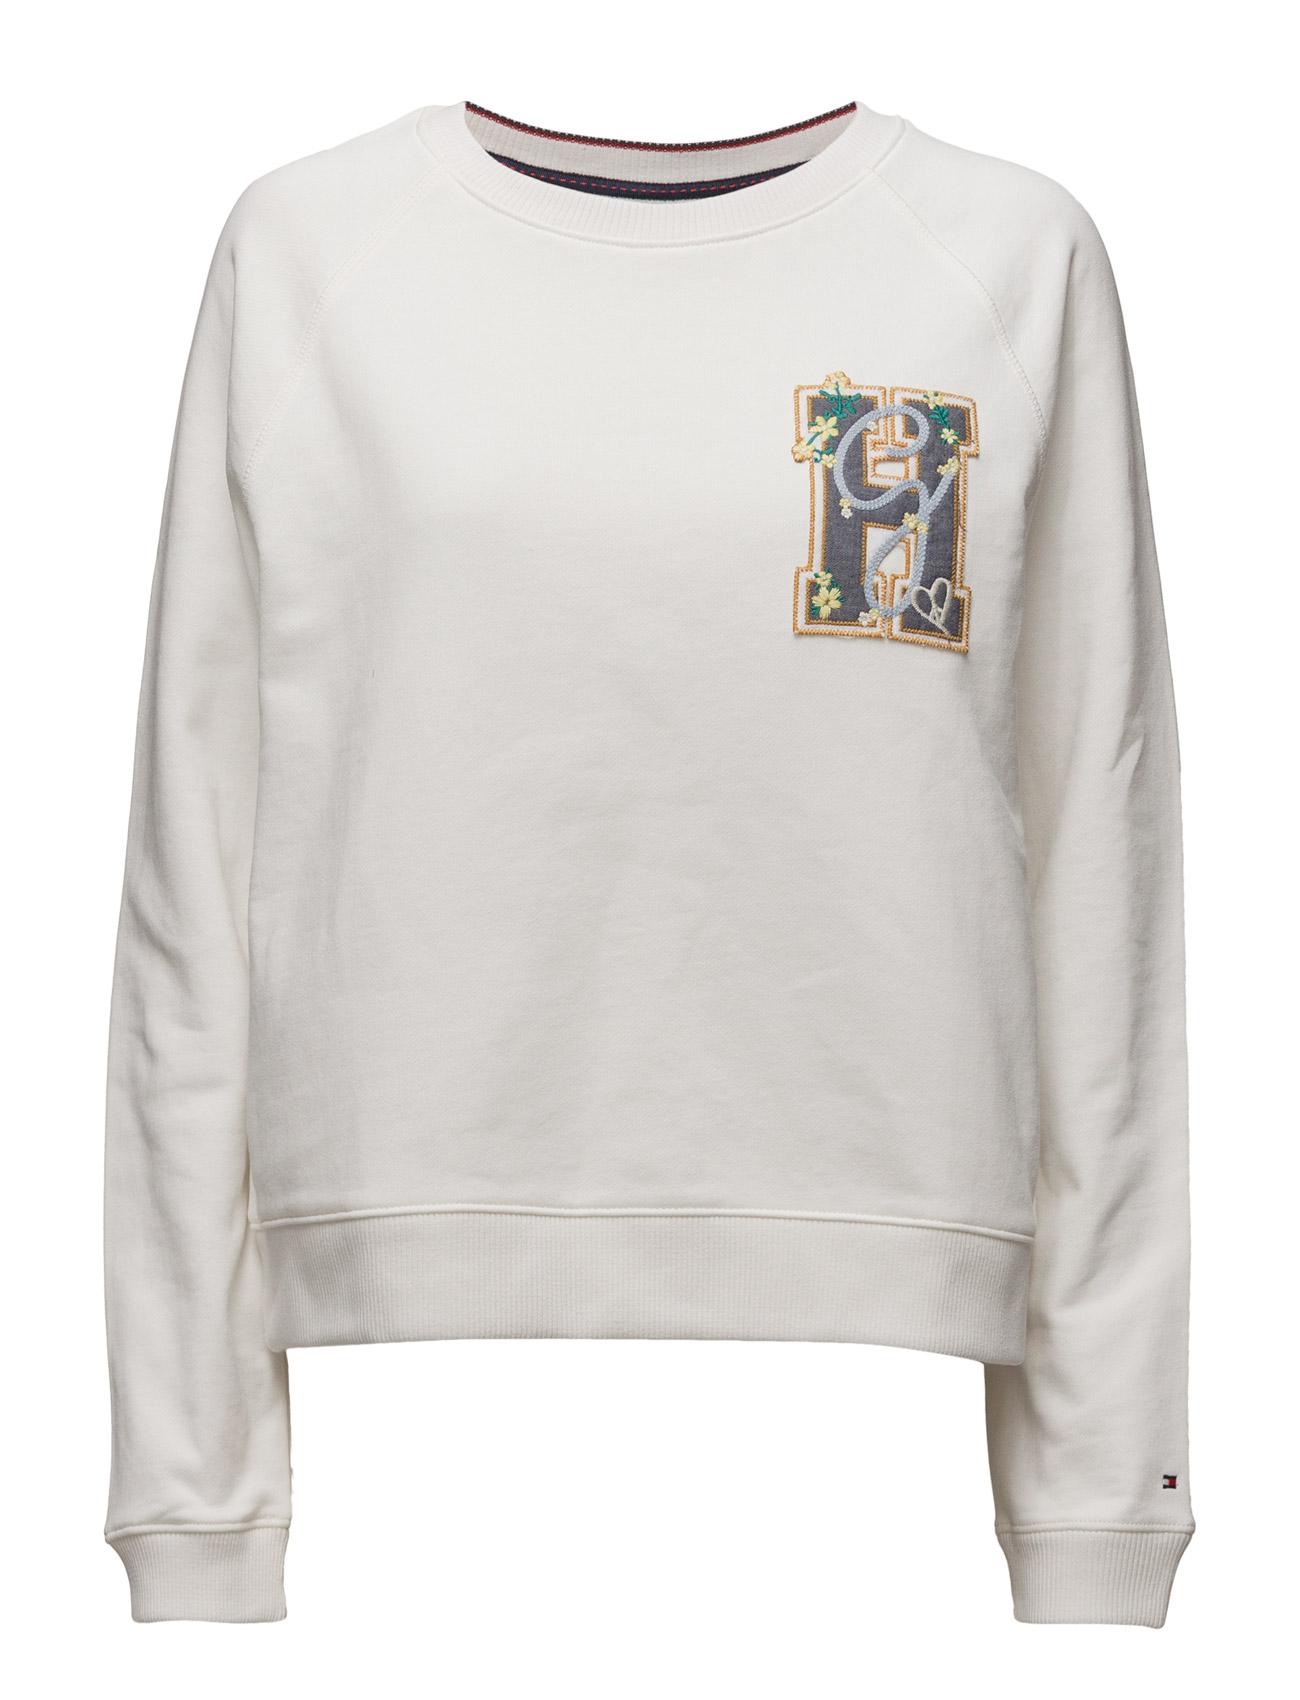 Cotton Sweatshirt Gigi Hadid Tommy Hilfiger  til Damer i hvid